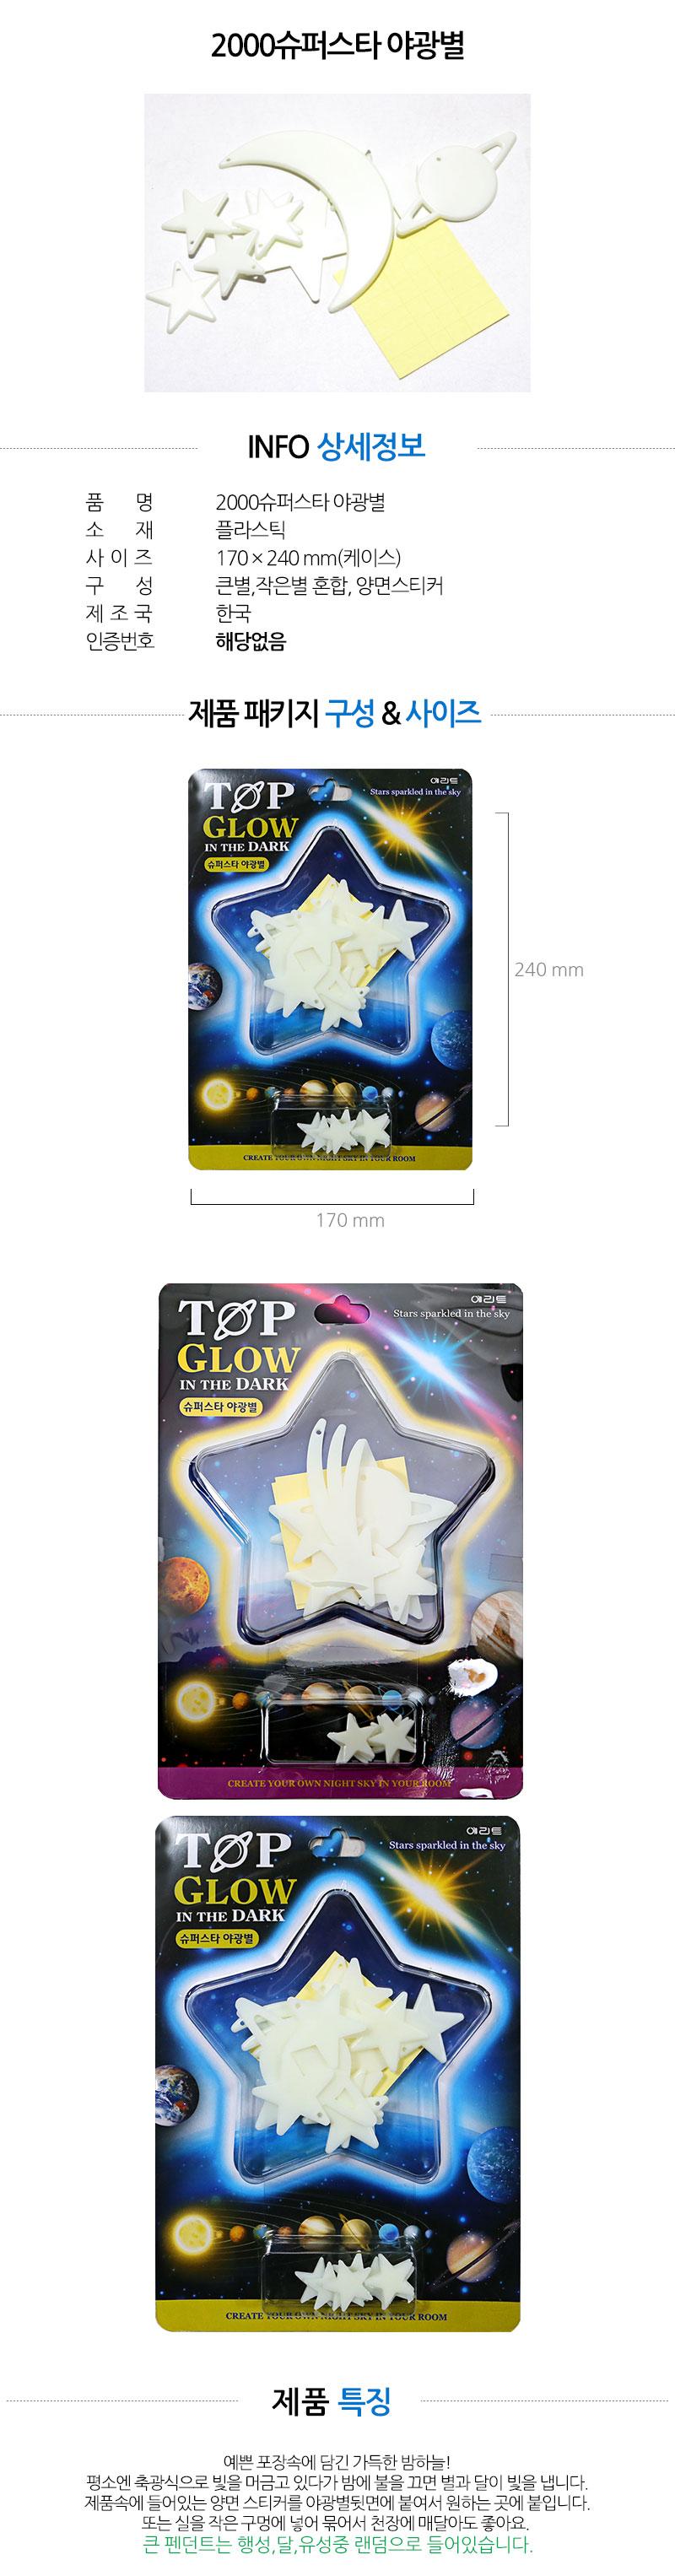 2000슈퍼스타 야광별(랜덤) - 킹콩박스, 2,000원, 스티커, 캐릭터스티커